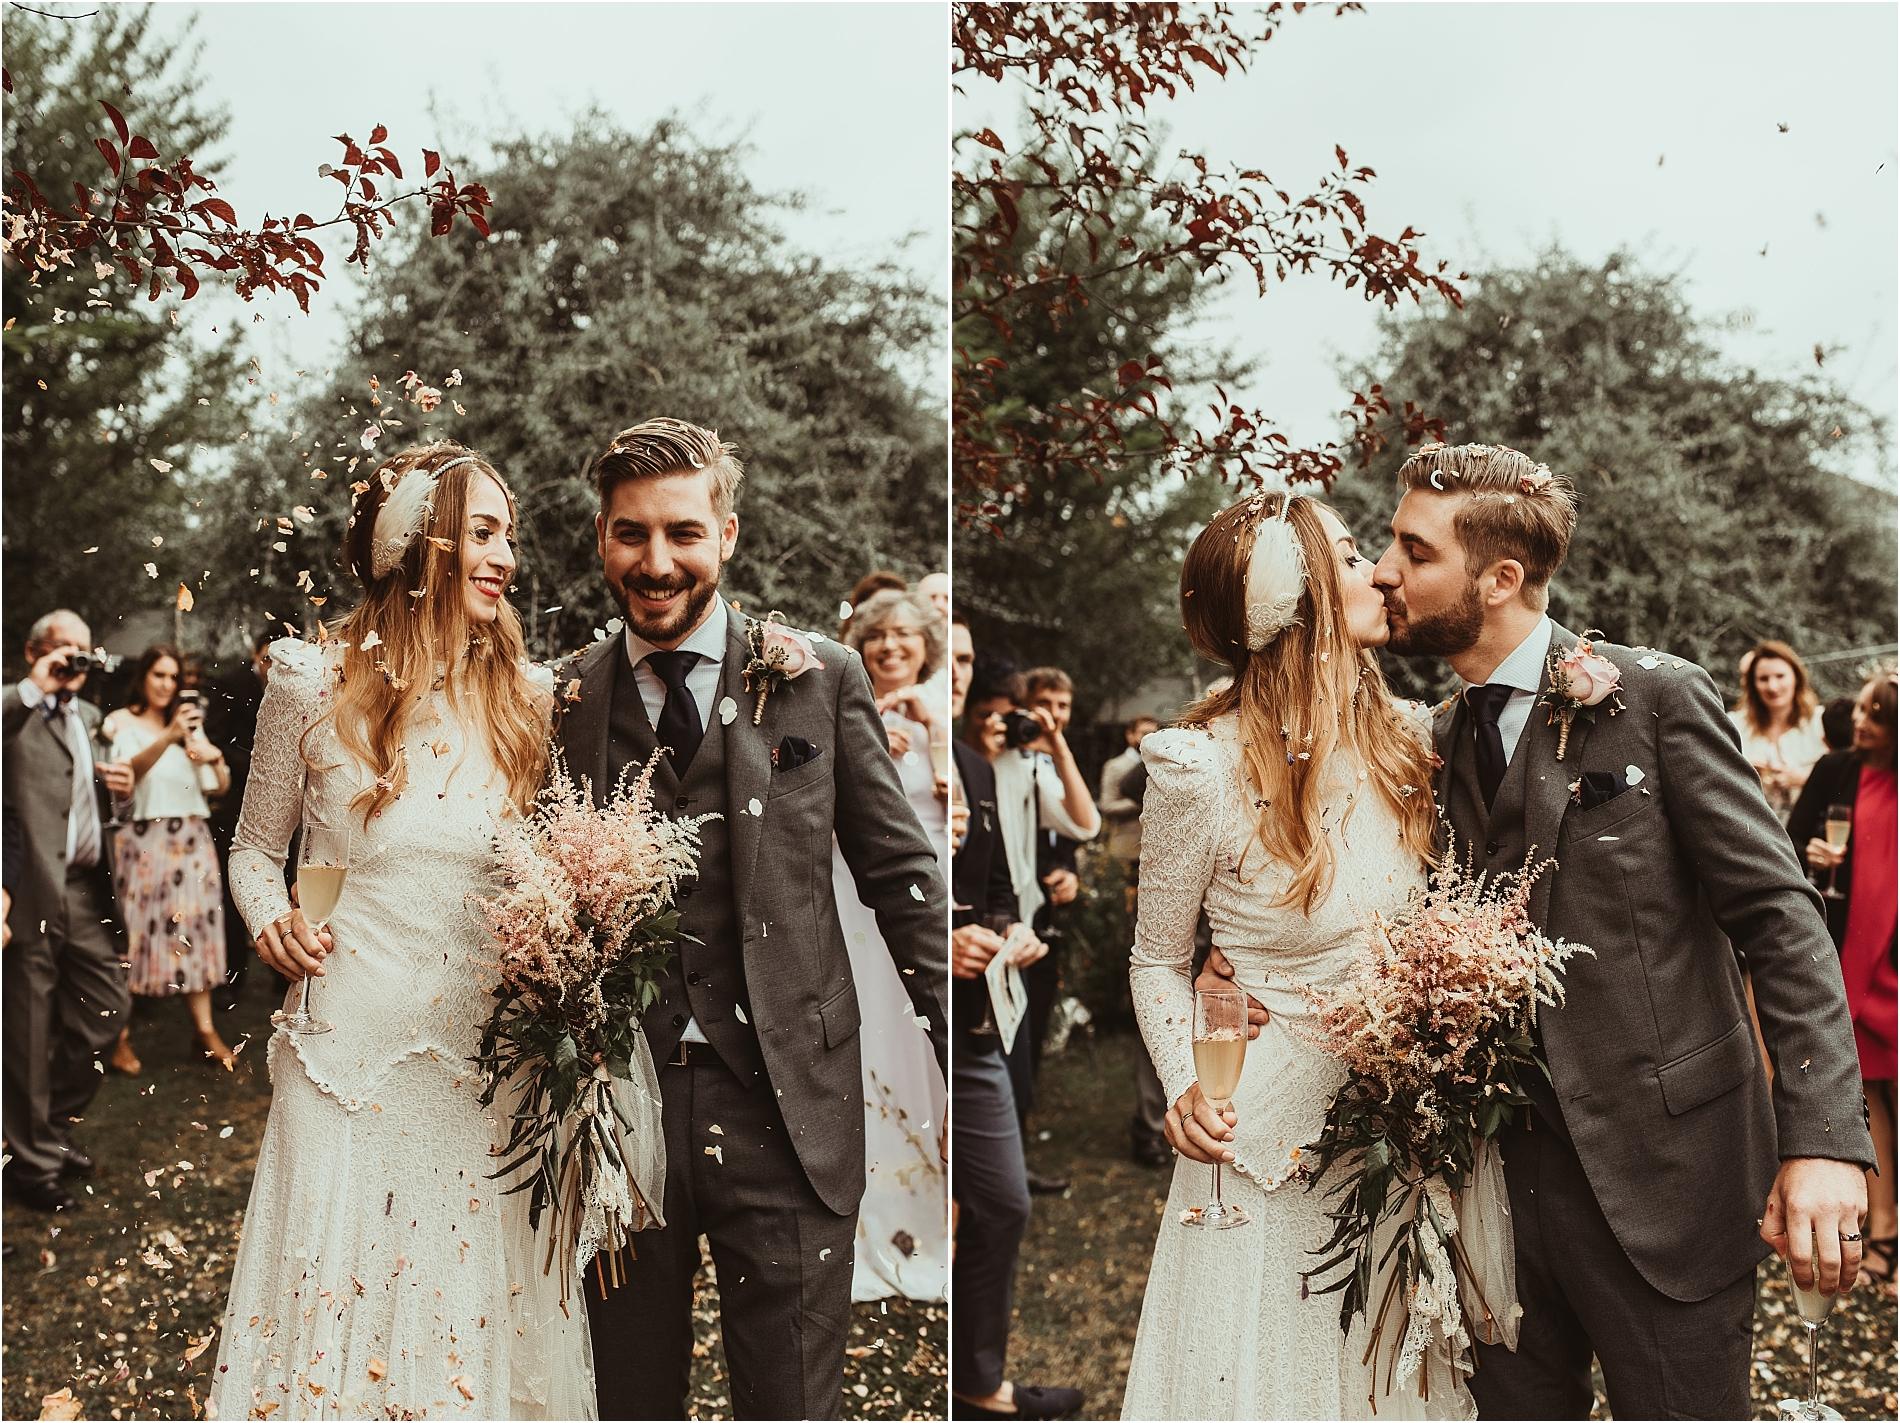 burystedmunds_wedding_garden_party1007_online